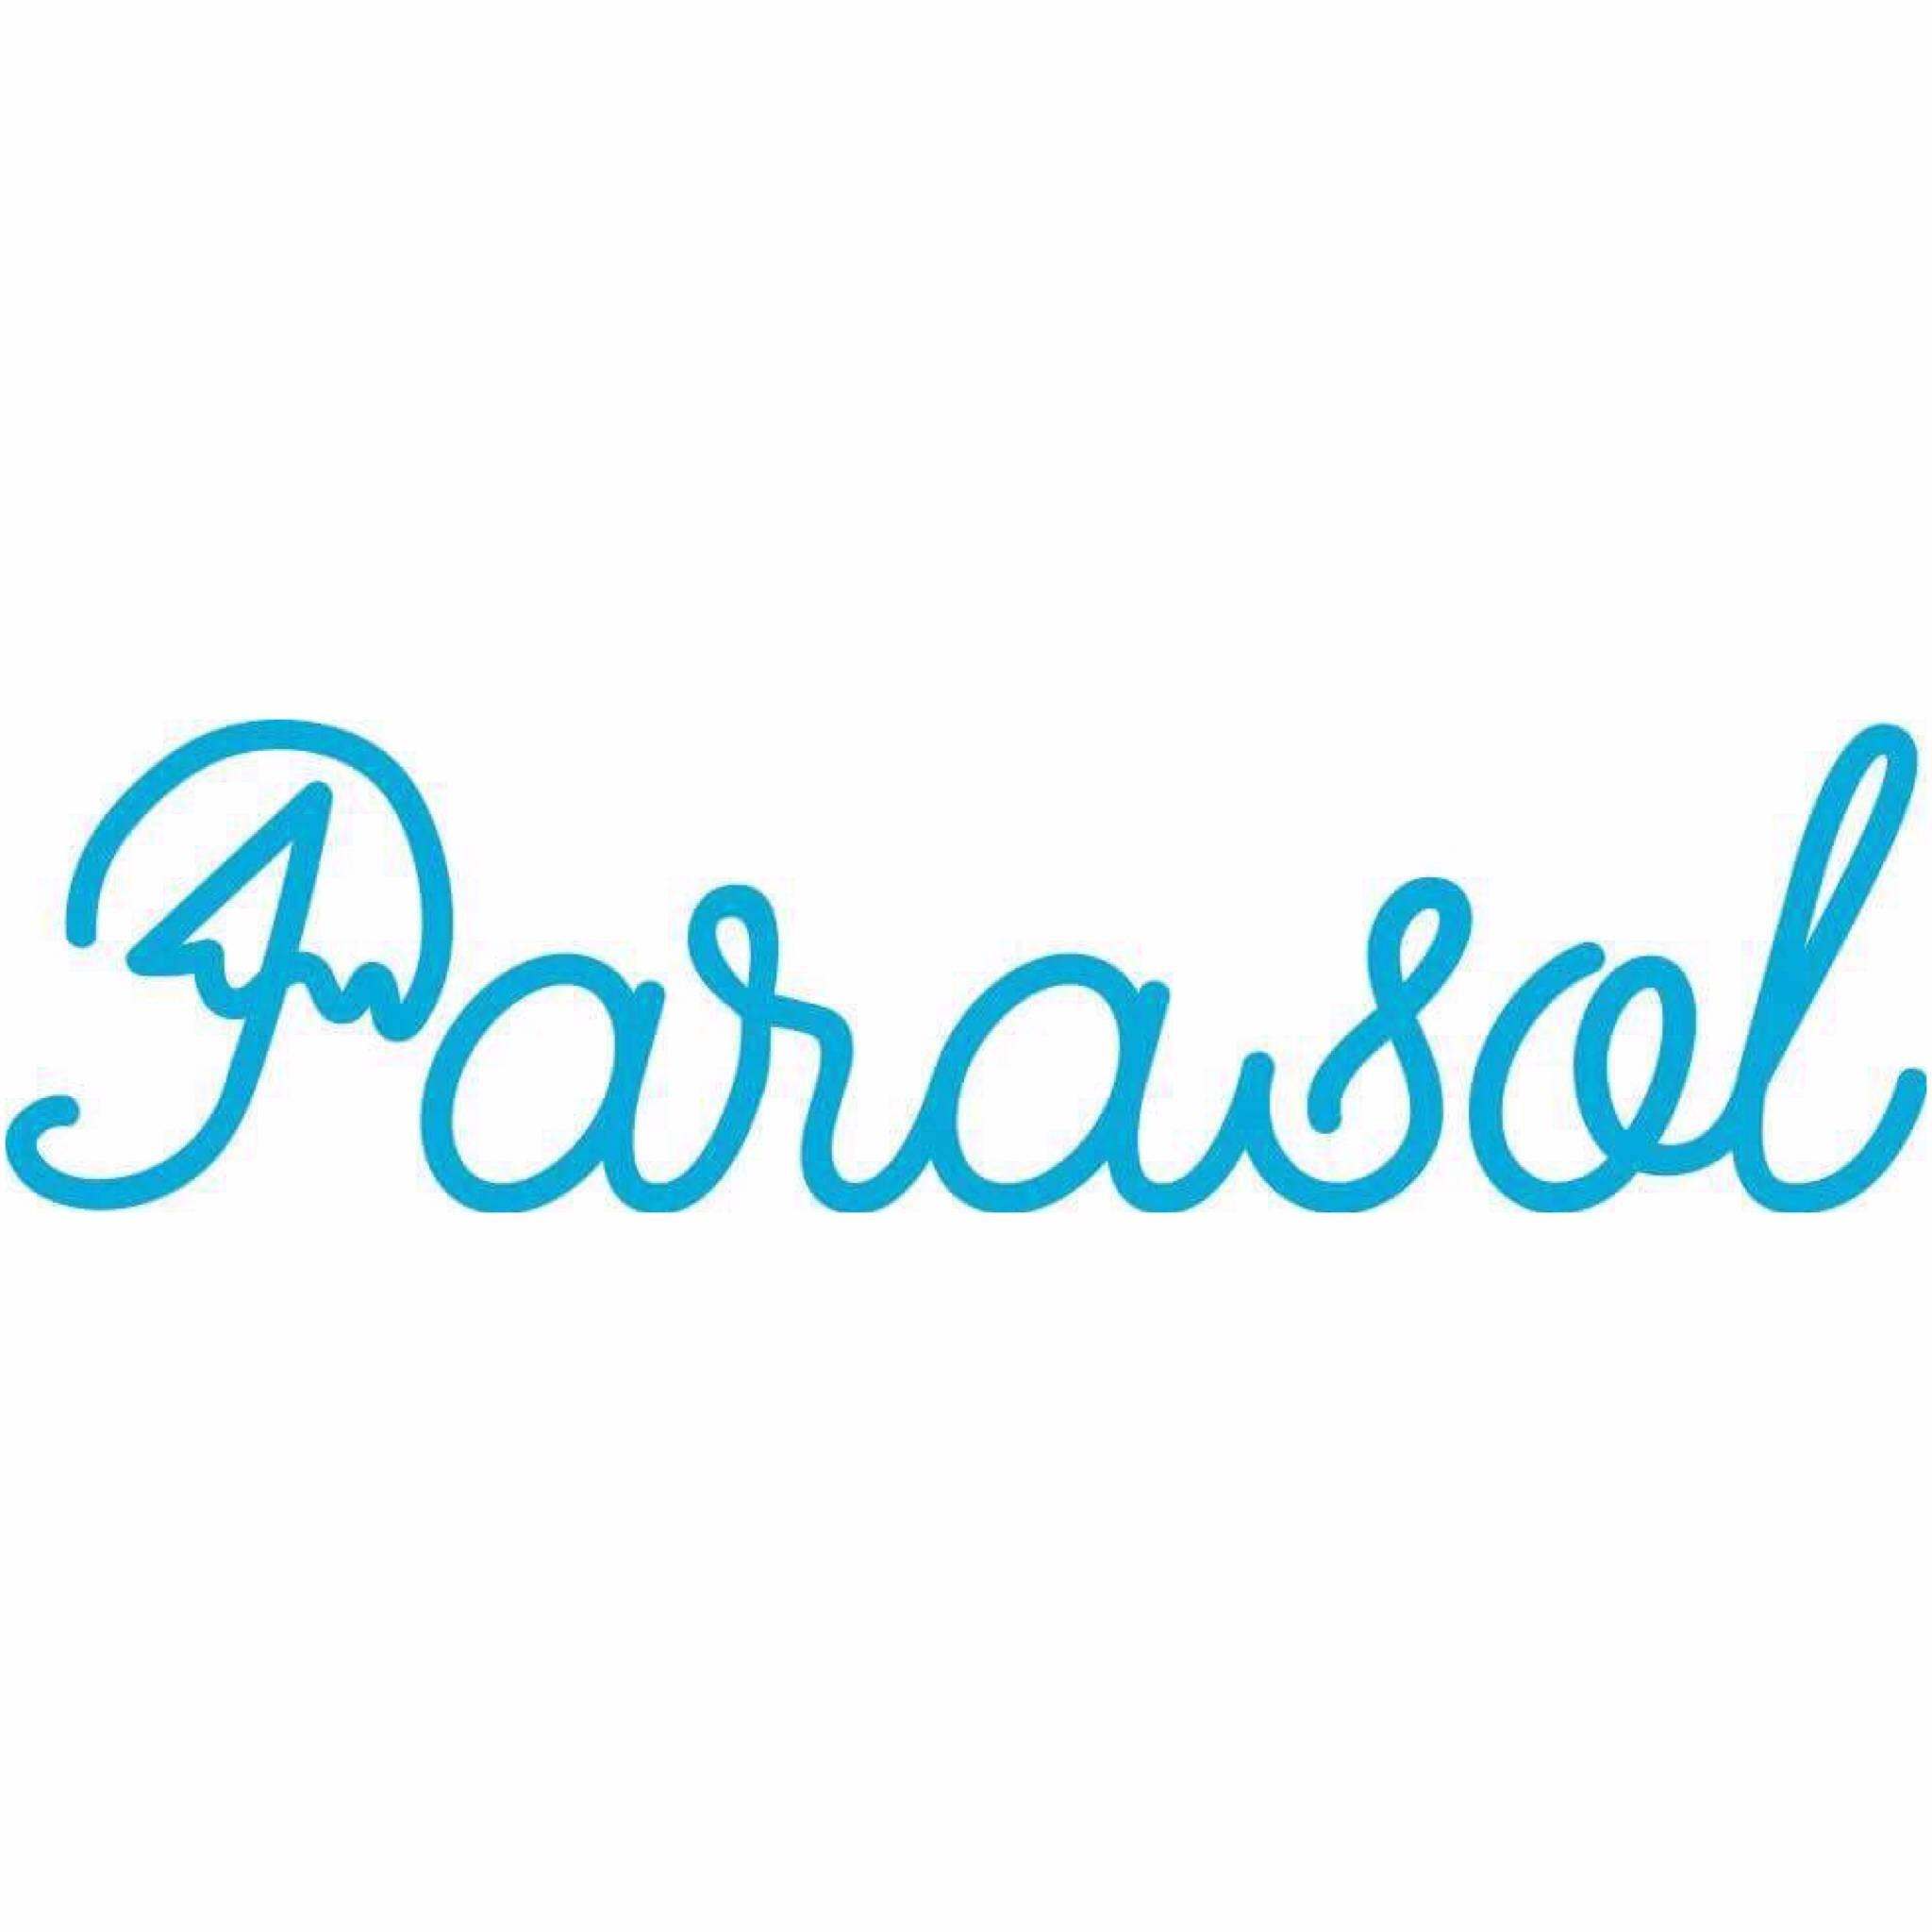 株式会社Parasolのロゴ画像